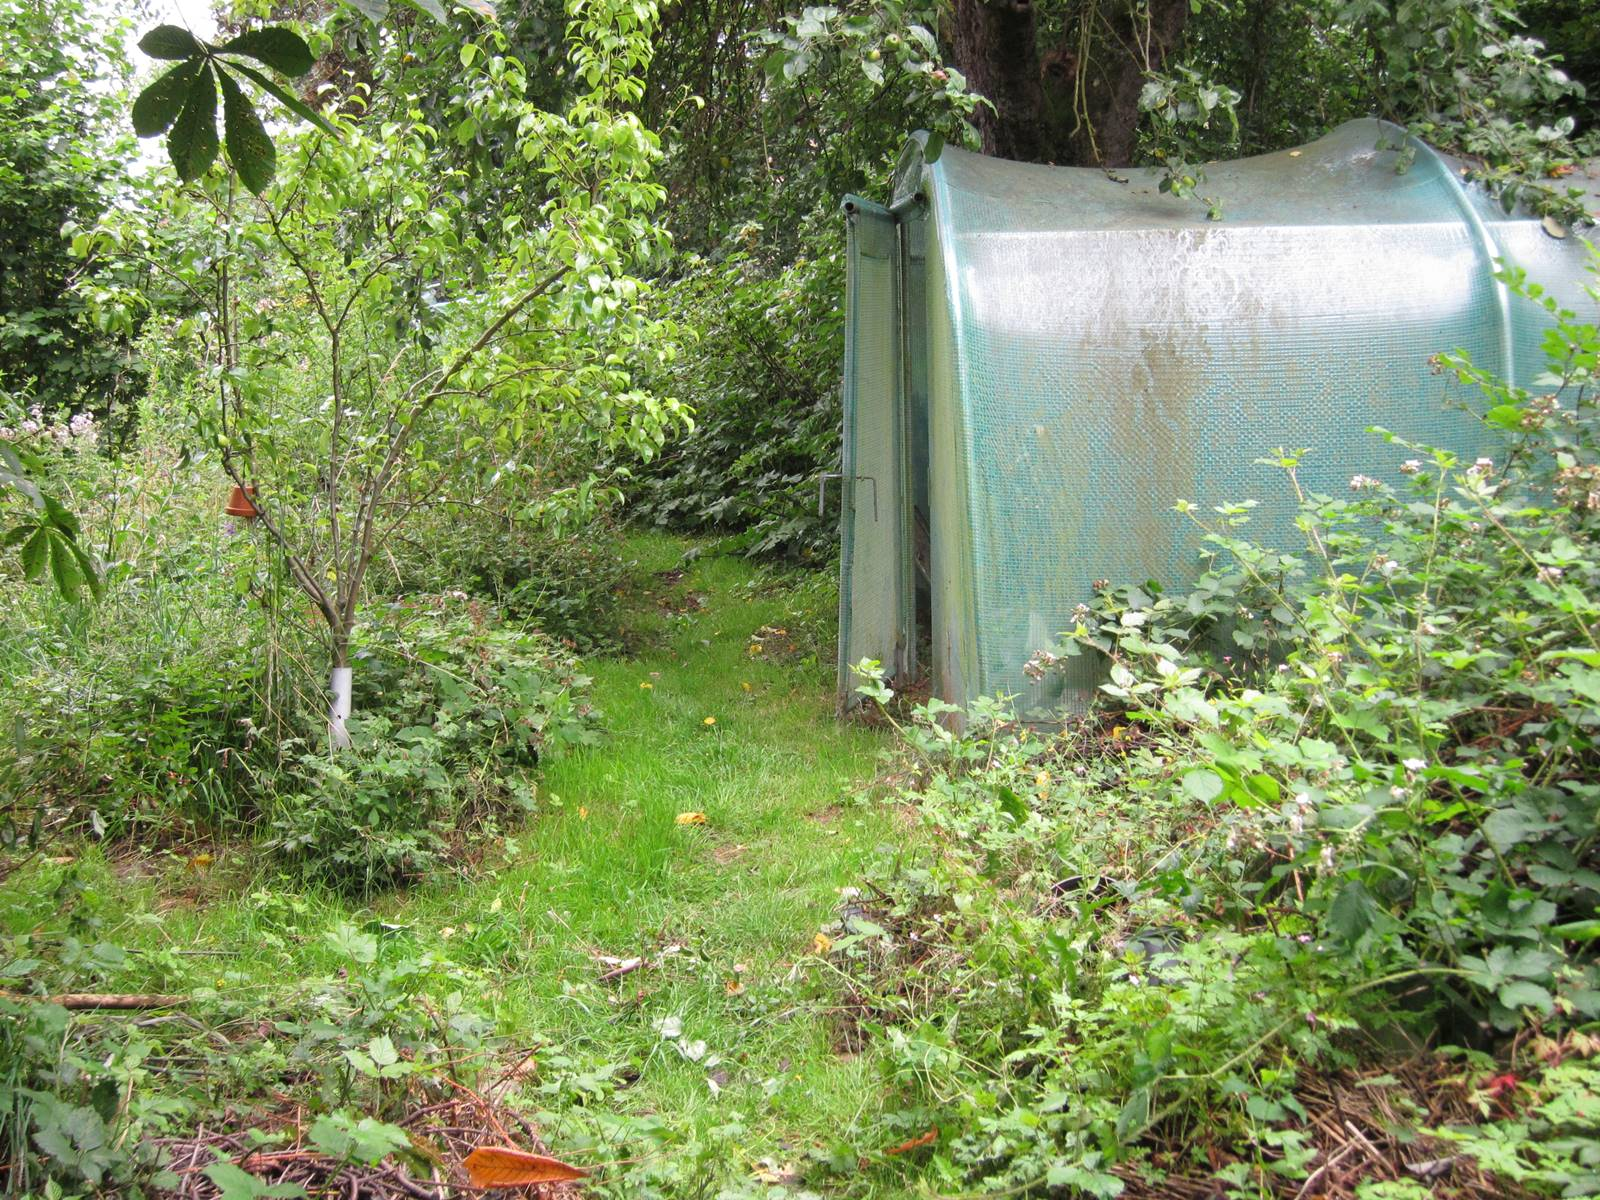 Jardin vivant de Marc Knaepen